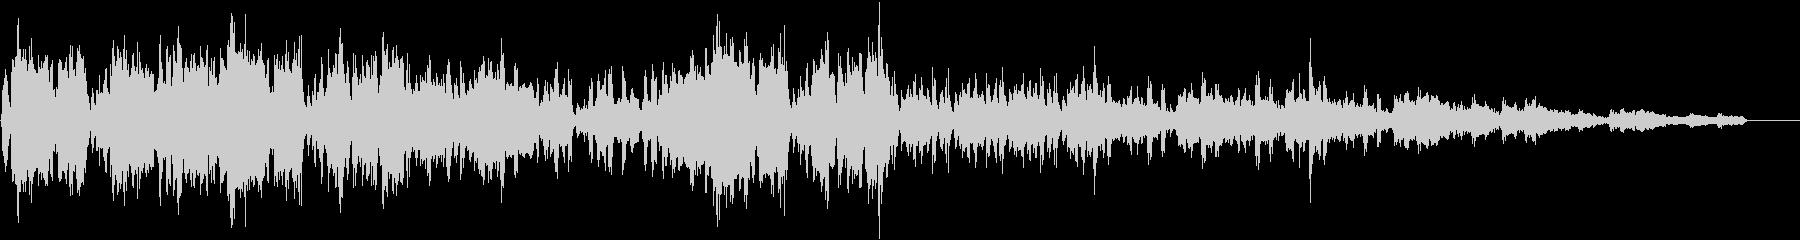 トランペットのソリッドなアシッドジャズの未再生の波形